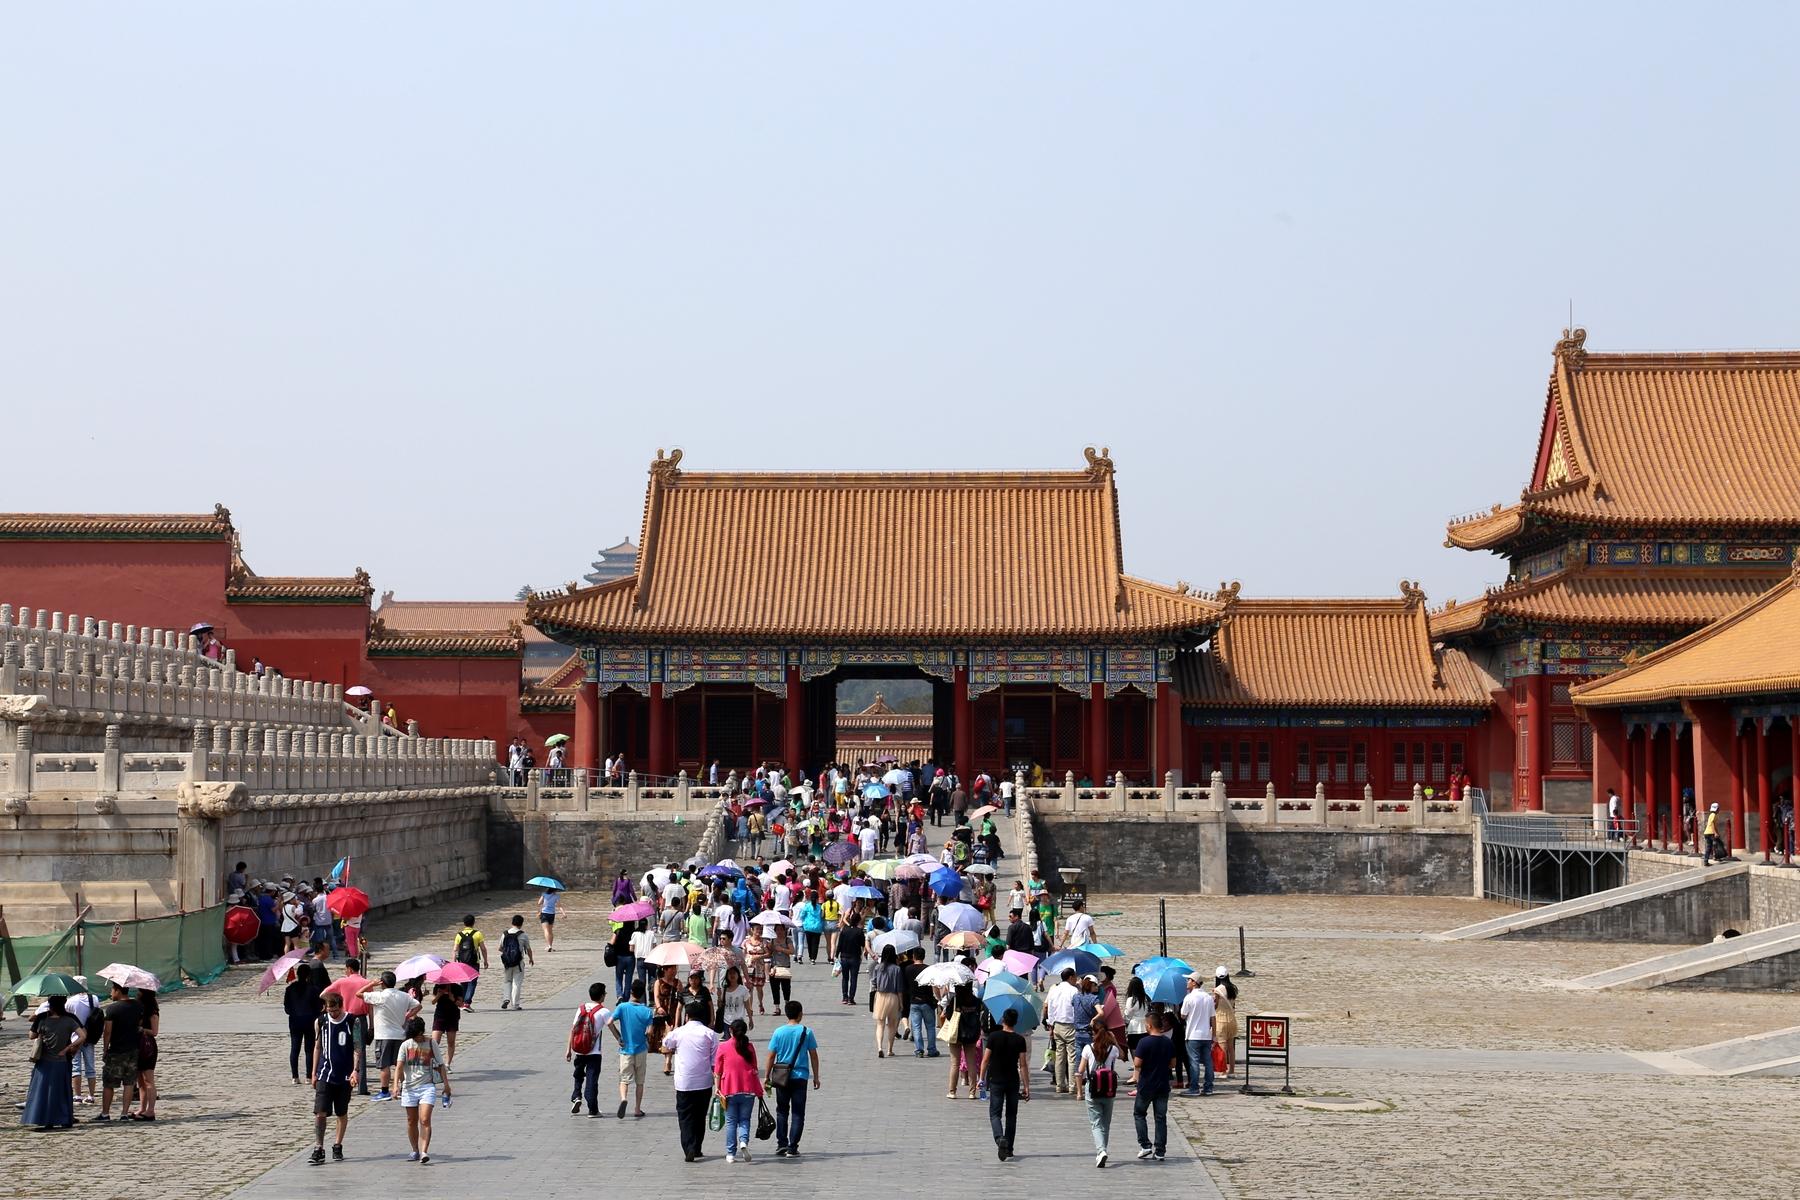 процессе чтения фотографии пекина туристов год